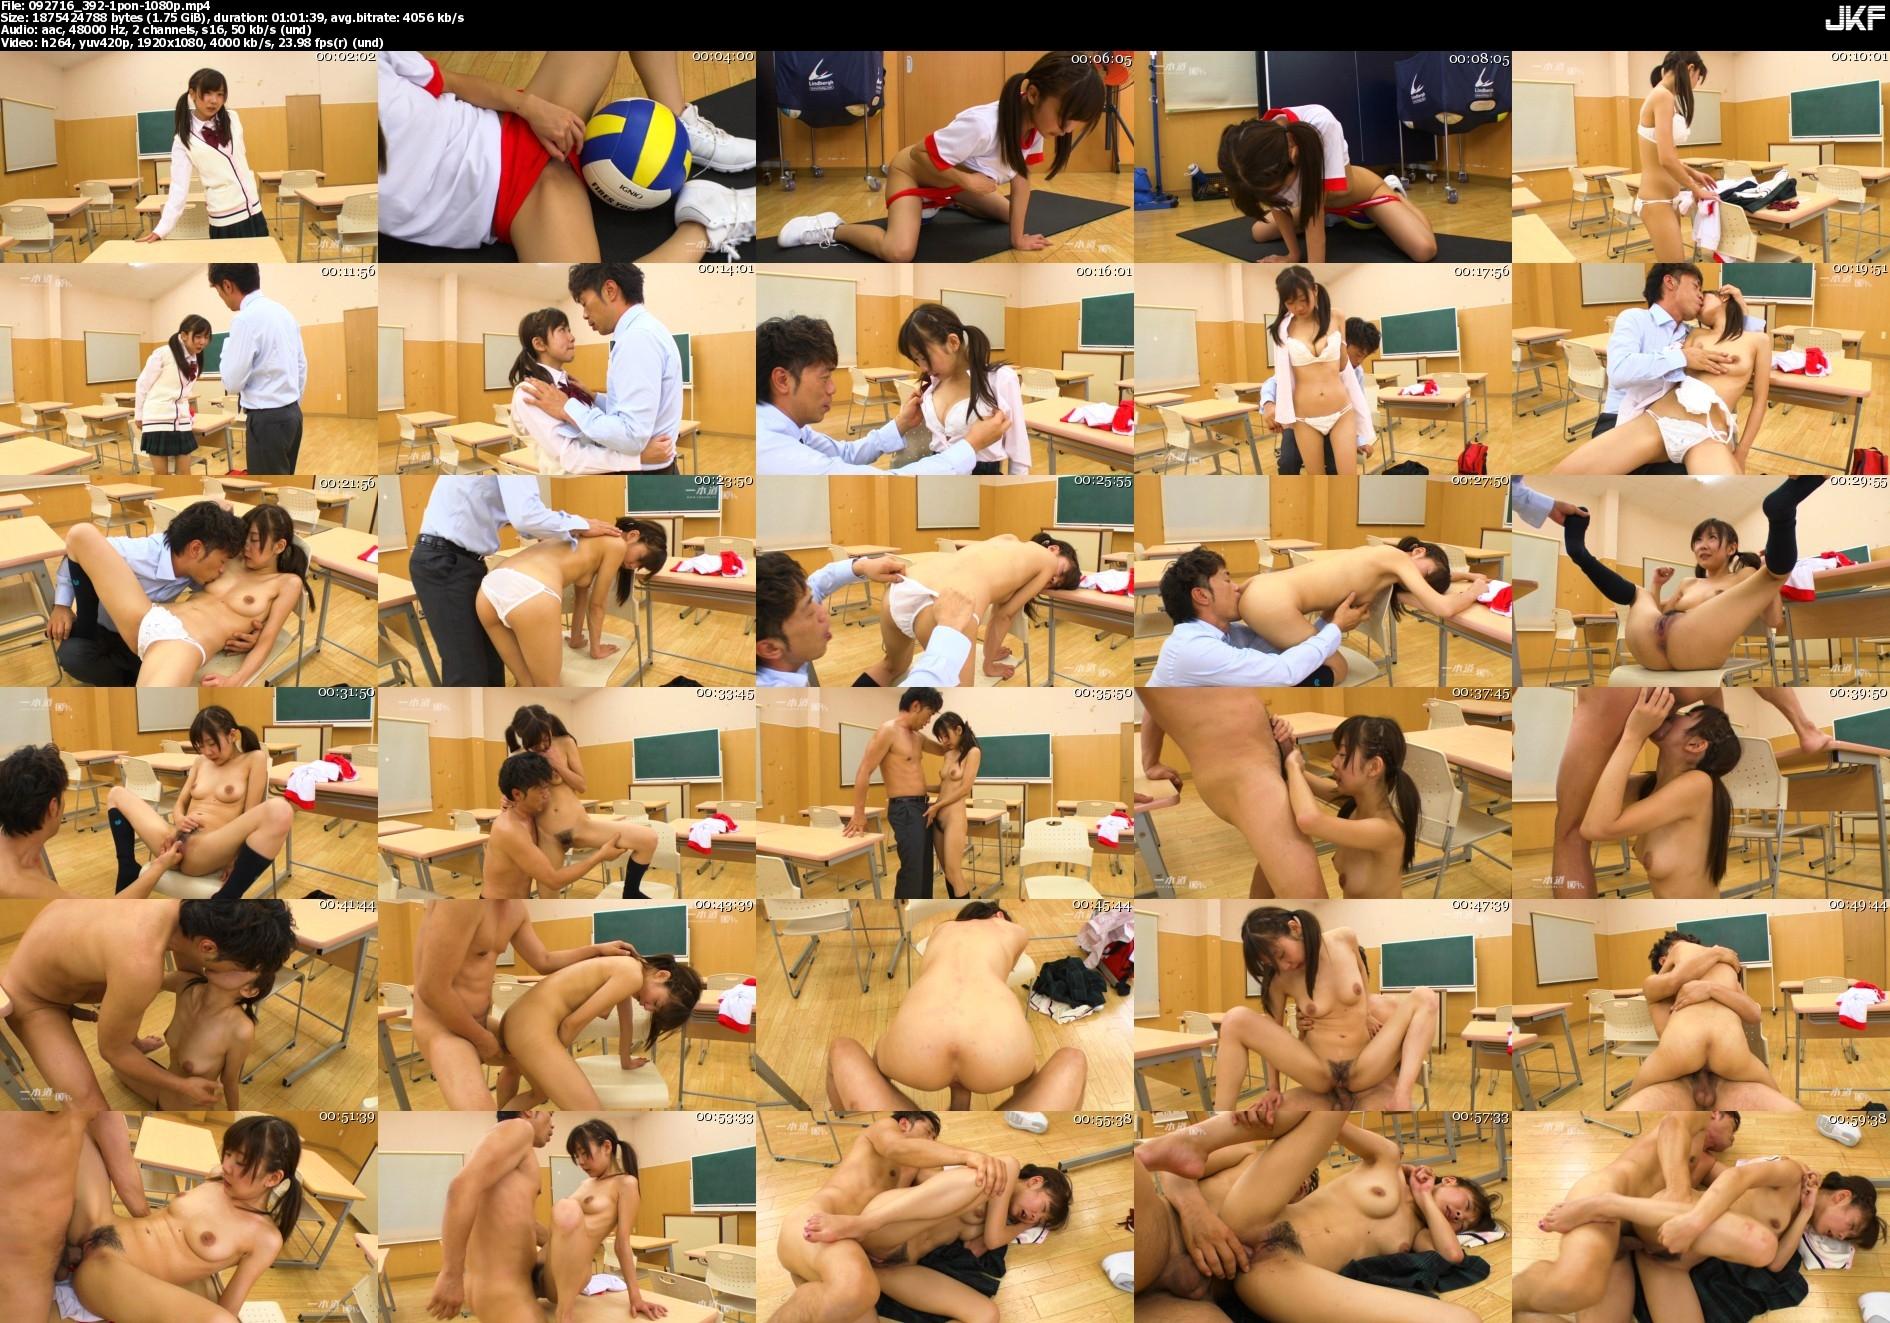 一本道 092716_392 教室で憧れの先生とSEX 鈴羽みう-2.jpeg